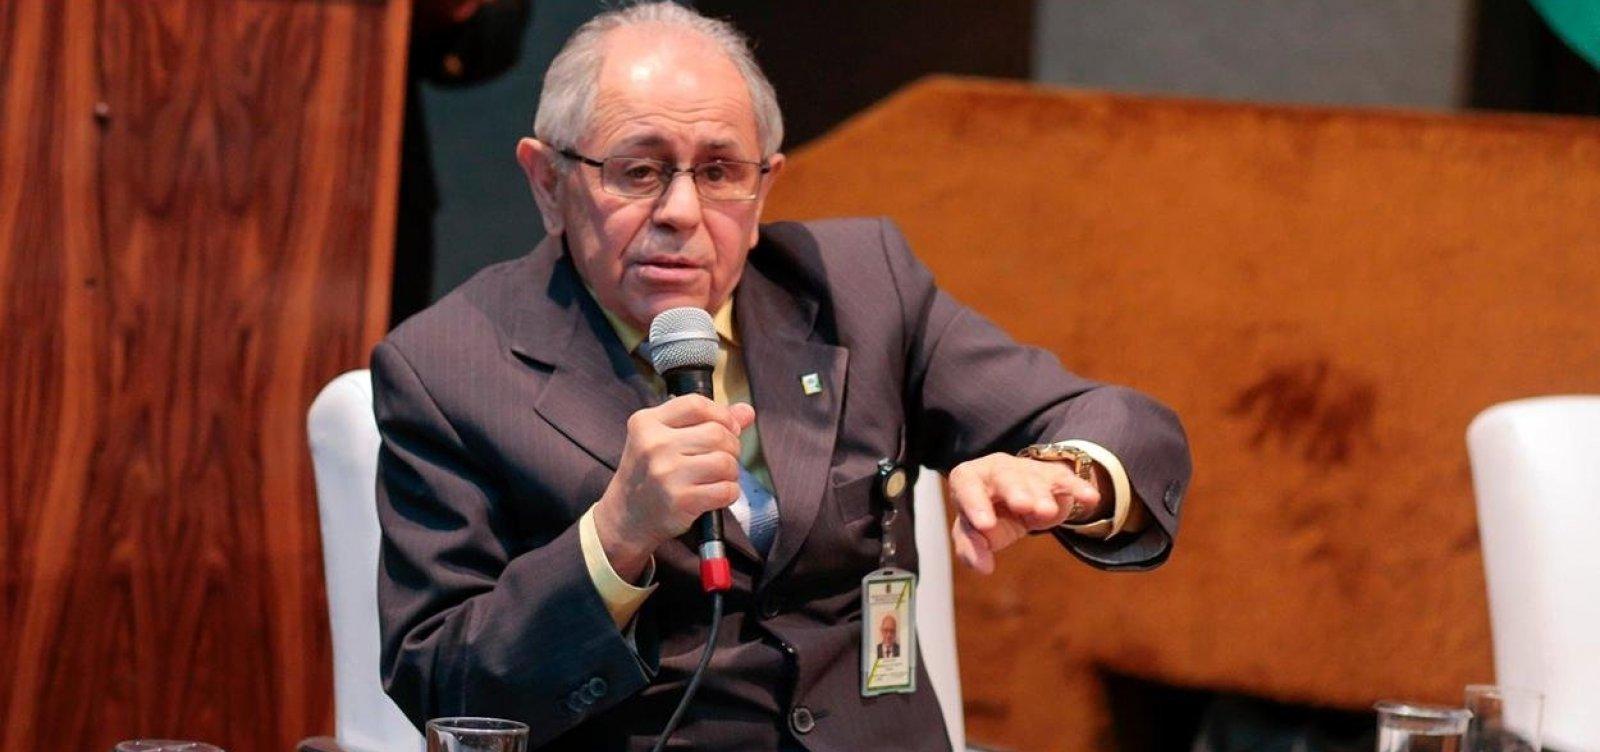 General Santa Rosa pede demissão da Secretaria de Assuntos Estratégicos